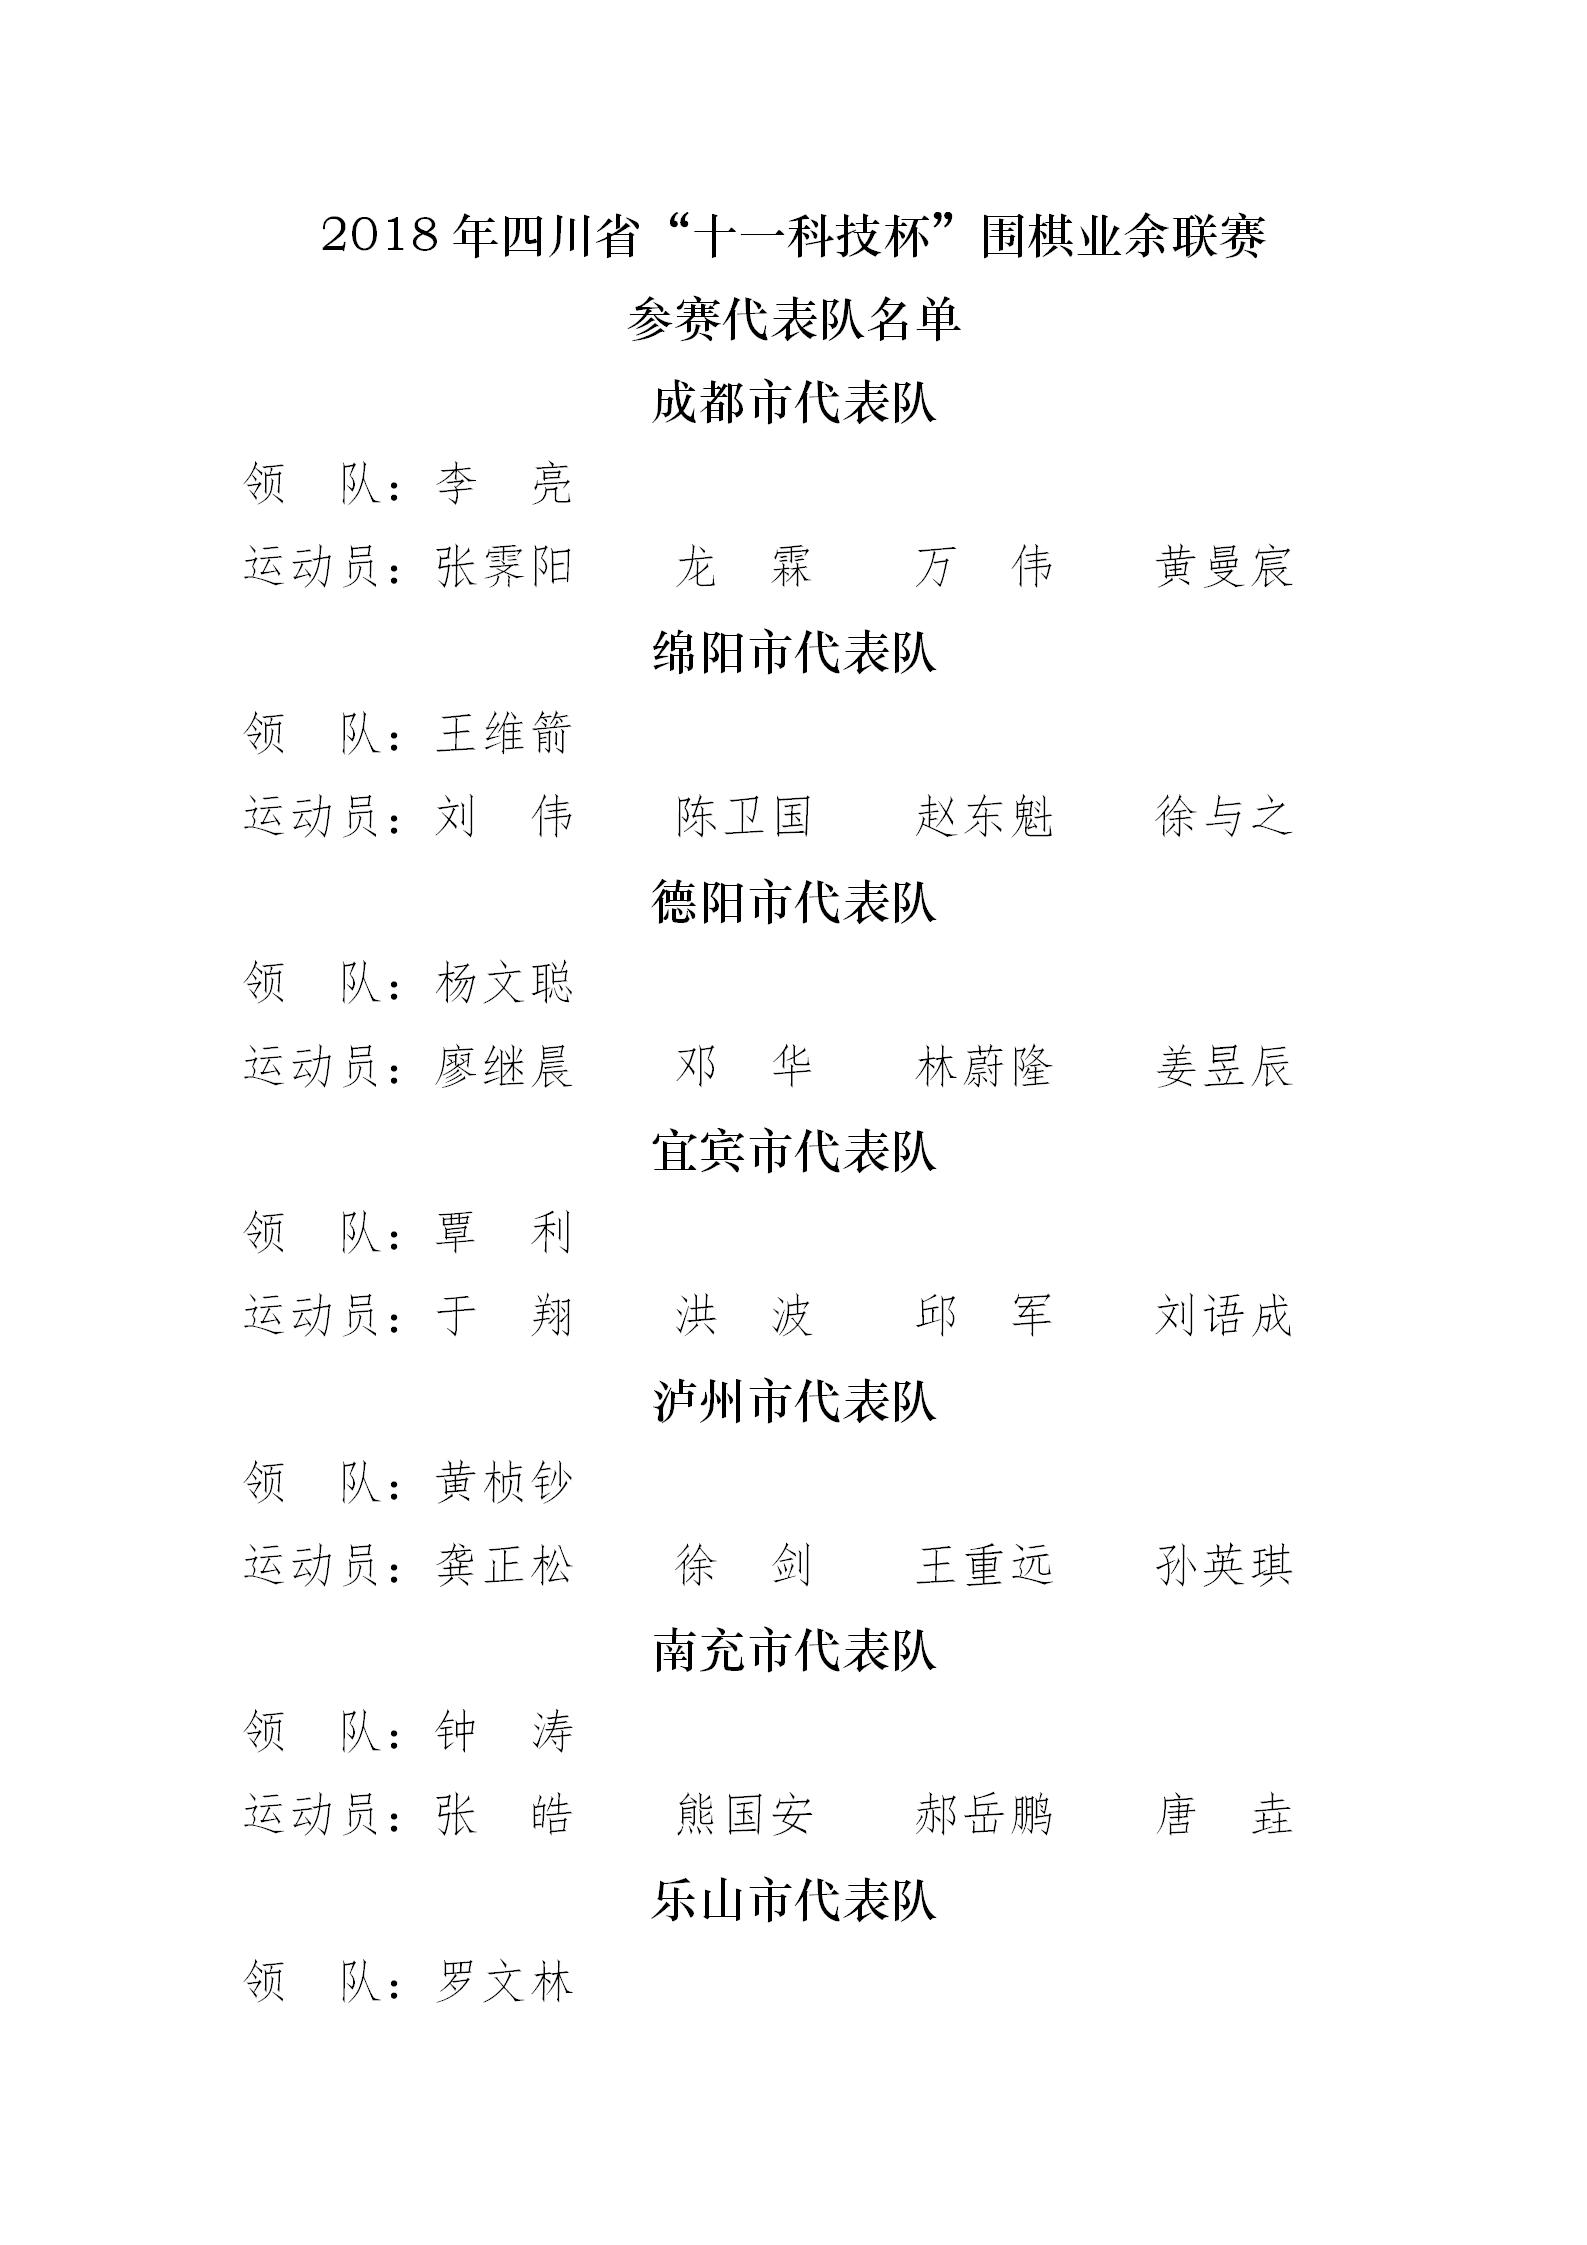 参赛代表队名单_01.png